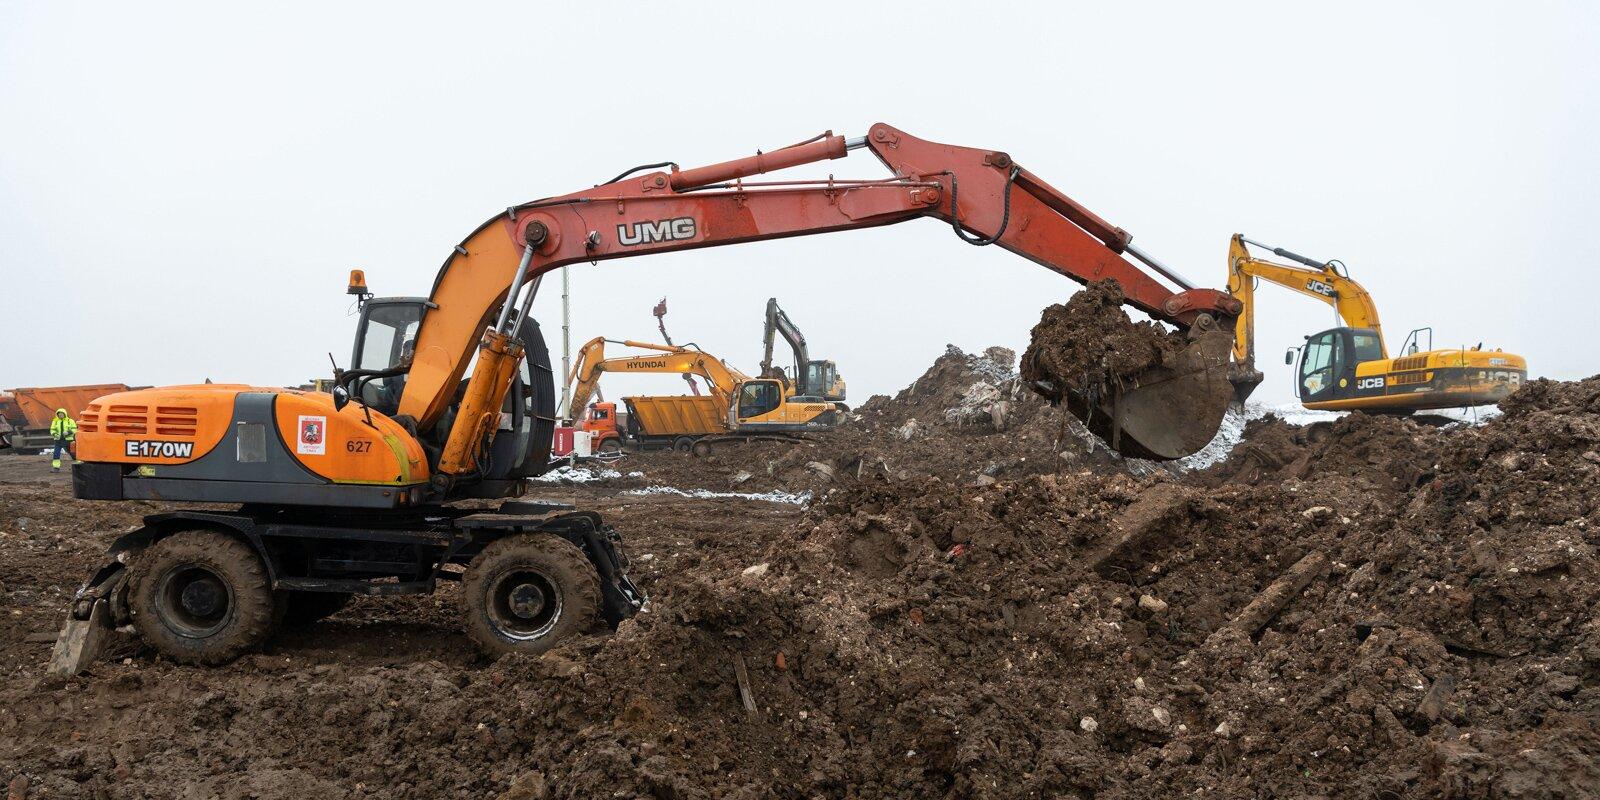 Земельный участок в Молжаниновском предоставят под индивидуальное строительство. Фото:  mos.ru